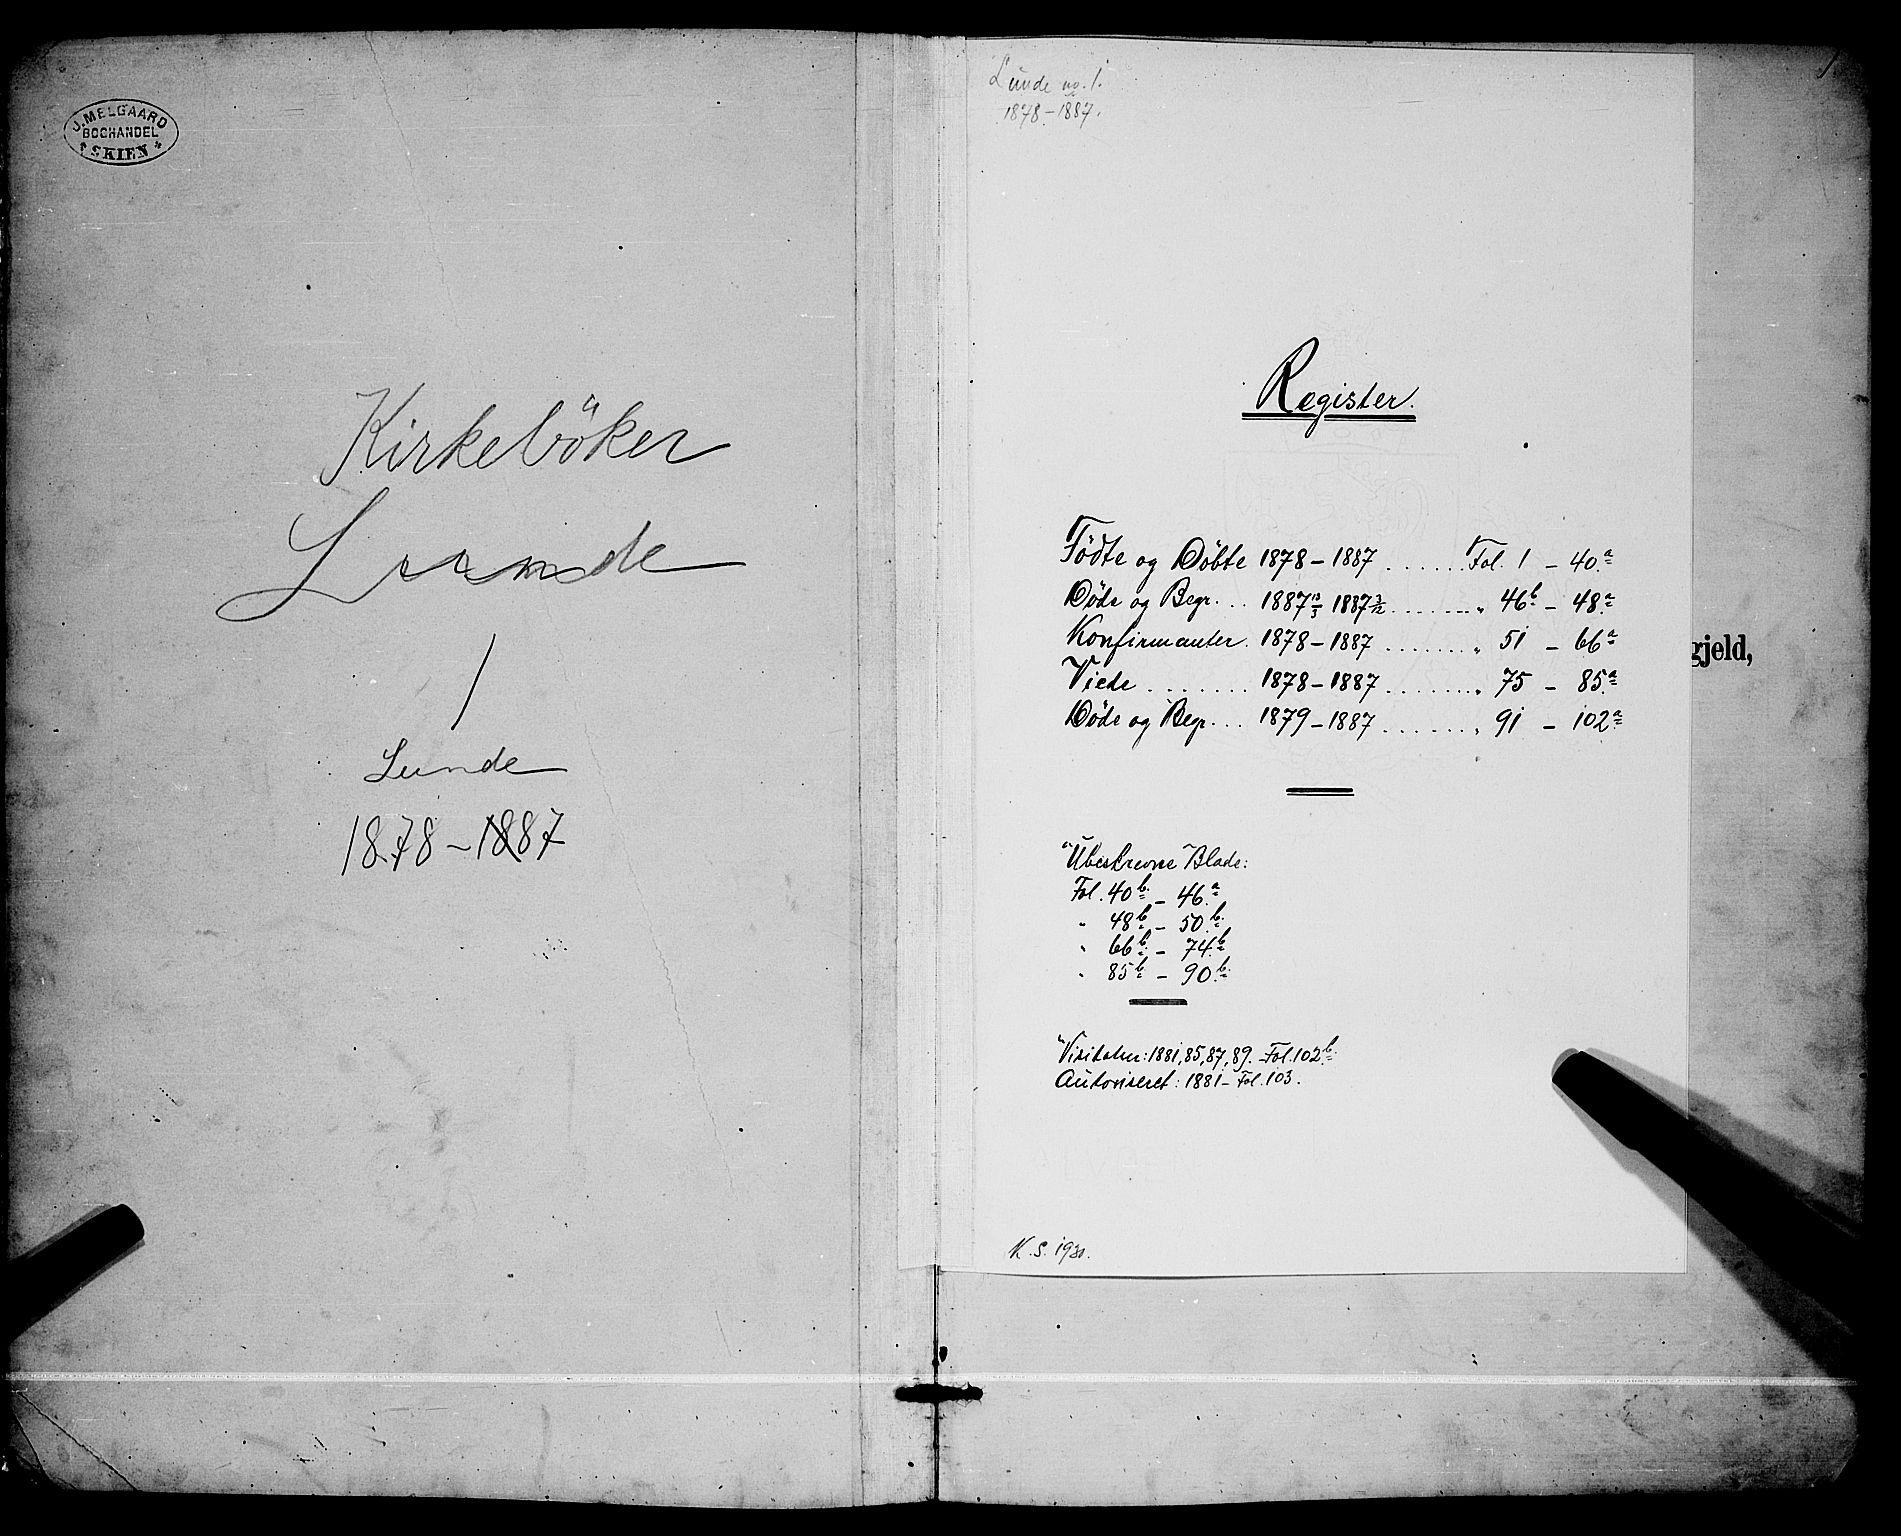 SAKO, Lunde kirkebøker, G/Ga/L0001b: Klokkerbok nr. I 1, 1879-1887